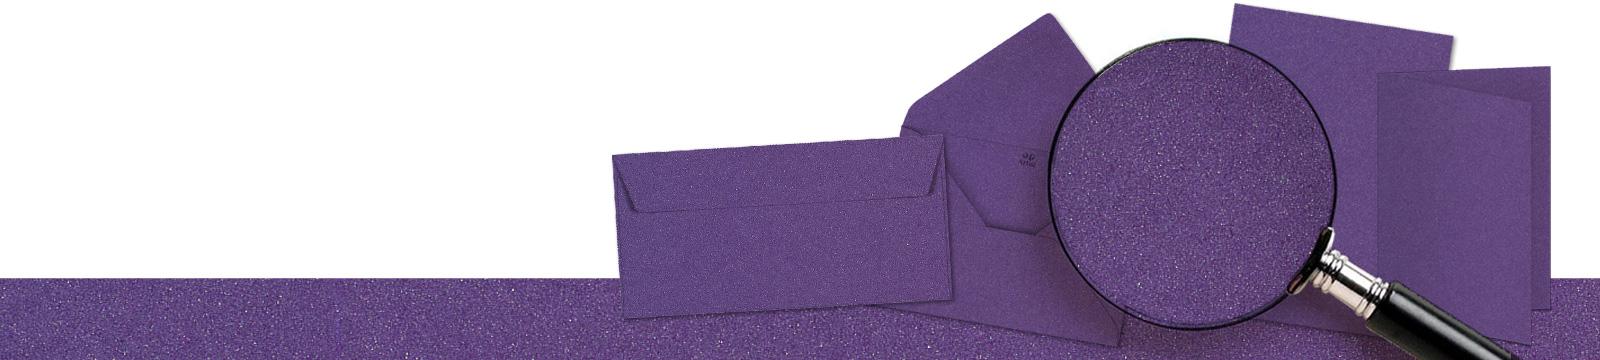 Artoz Klondike in der Farbe amethyst